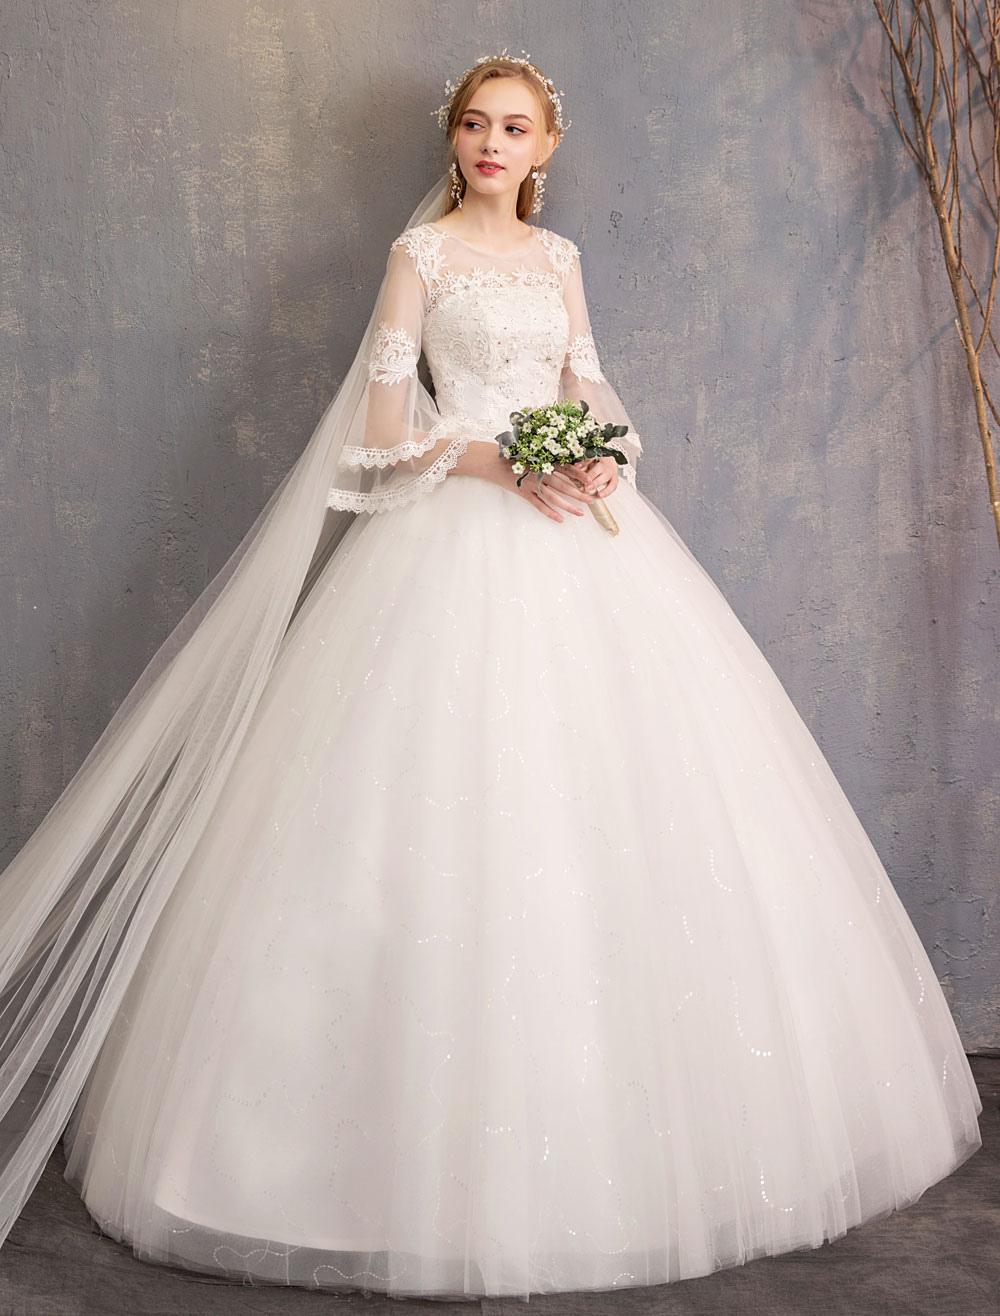 e6931f83c Vestido de gala Vestidos de novia Joya de tul Manga 3/4 Longitud del piso  Longitud Princesa Vestido de novia